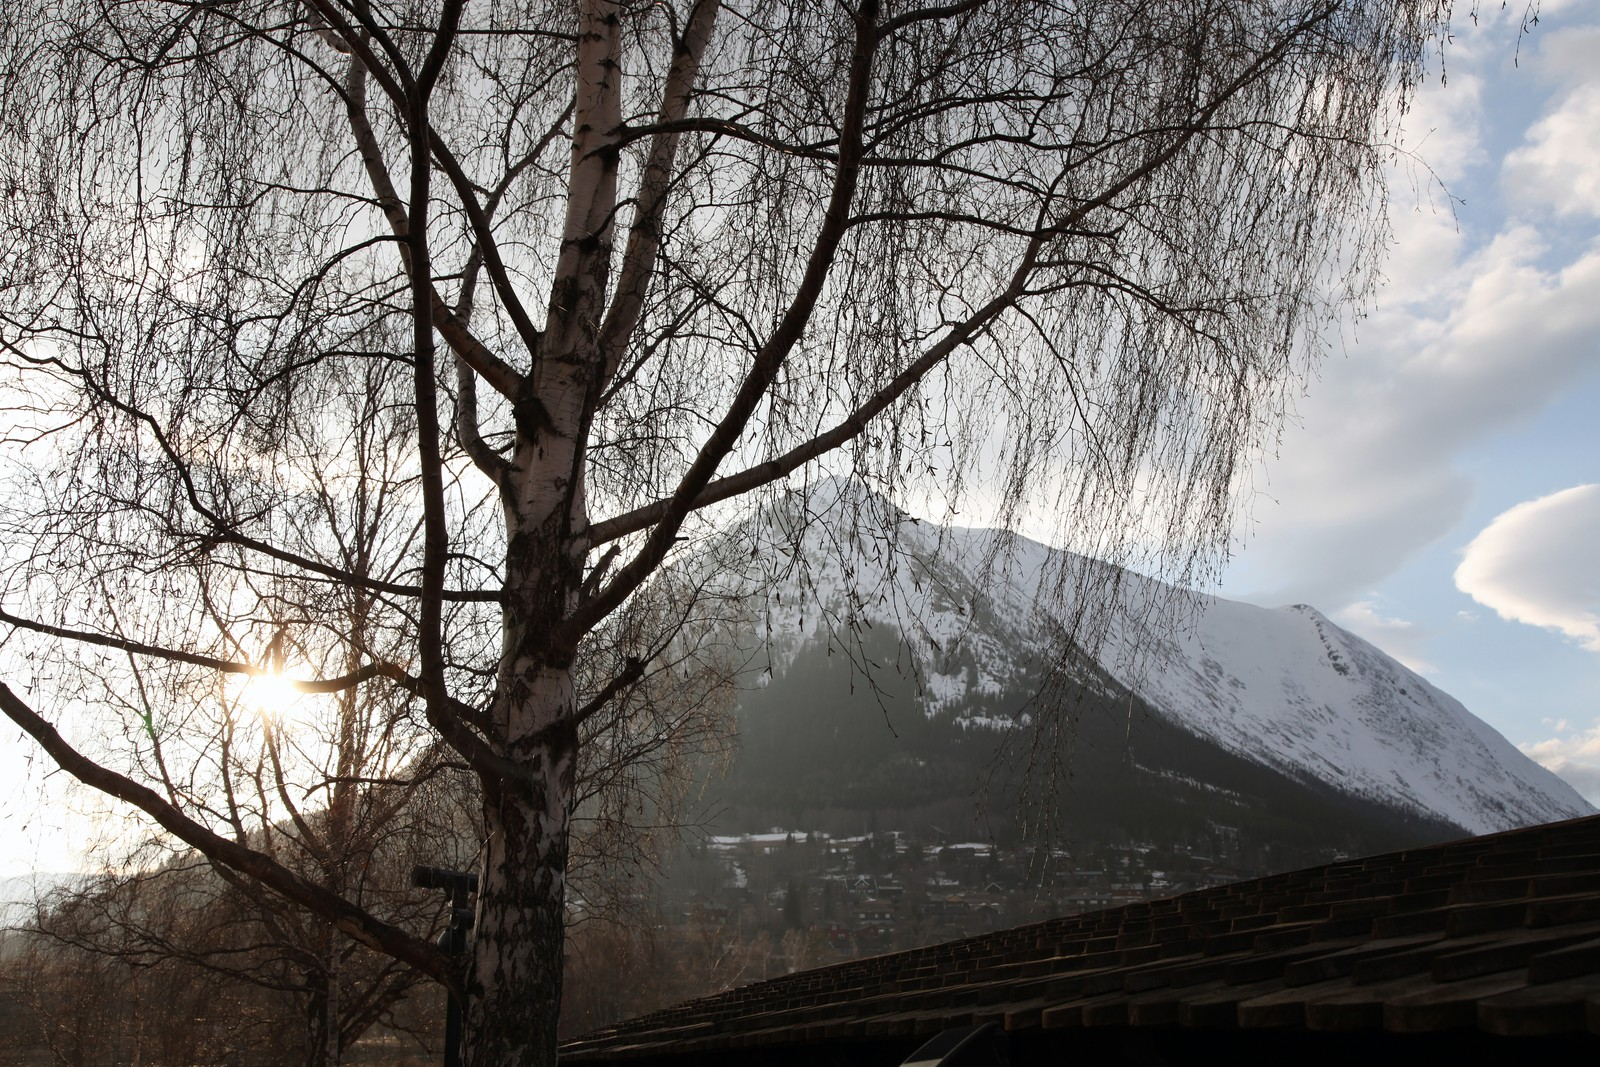 Lomseggen. Kommunen har flest fjelltopper over 2000 meter i Norge. - Vi er nærmere engelsk landsbykrim enn nordisk noir, sier Ragnhild Kolden.